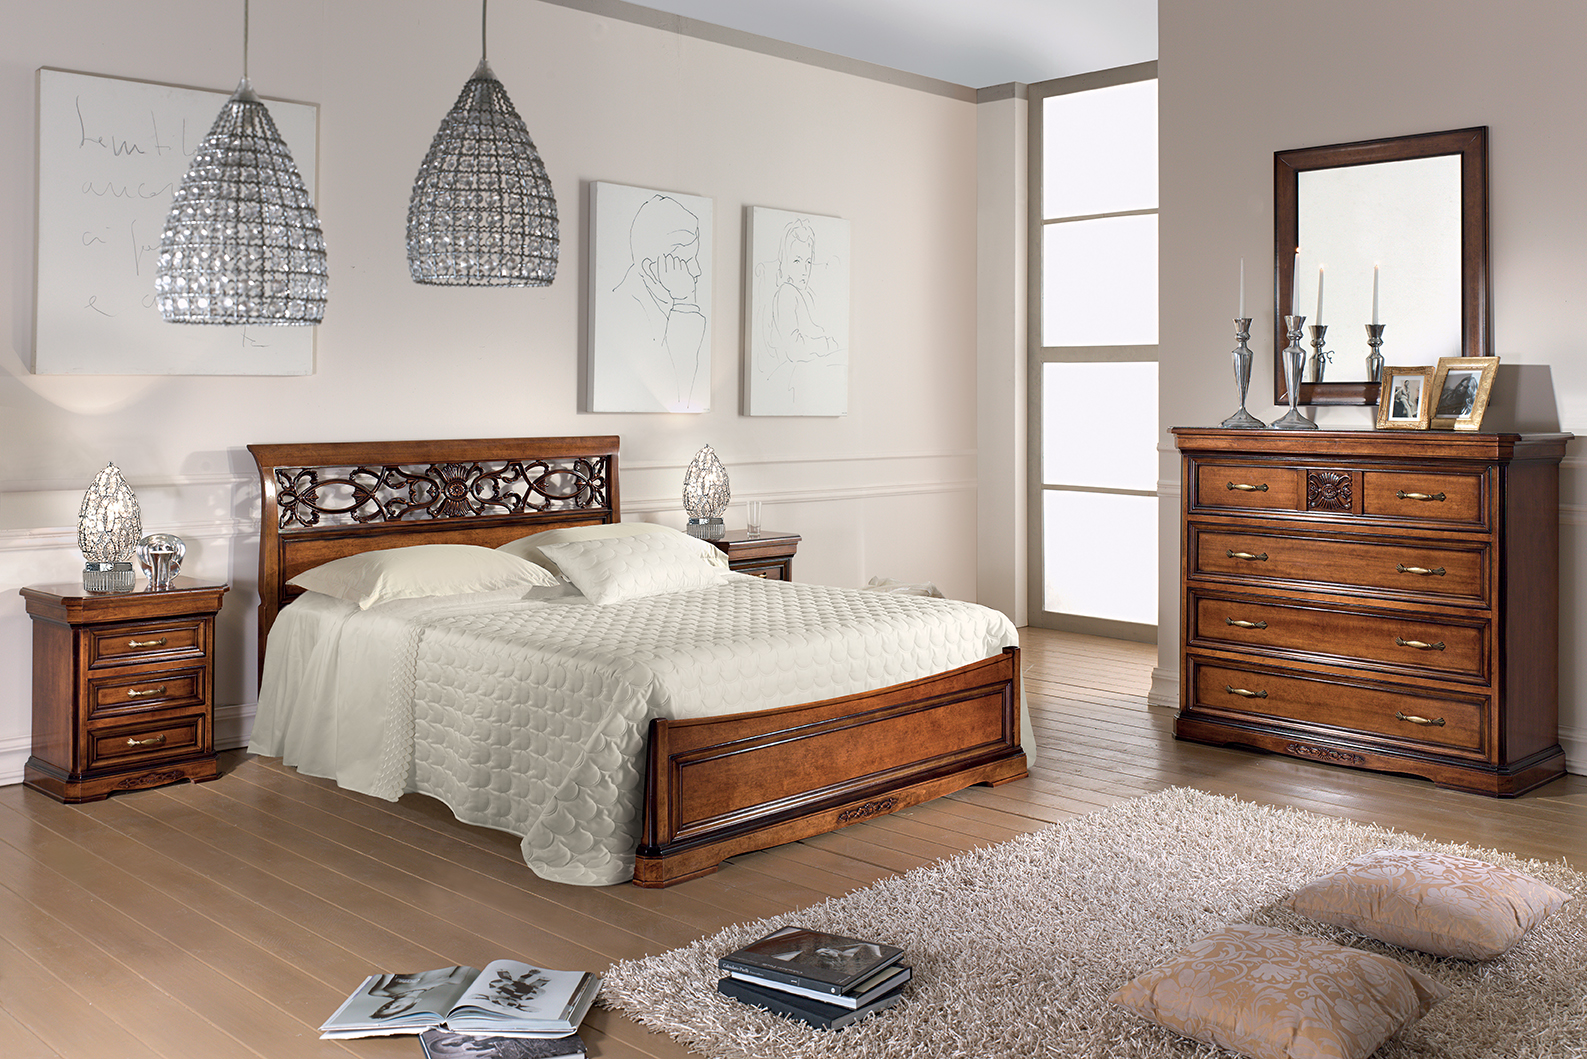 Camera da letto bianca e legno ispiratevi con queste 15 - Camera da letto contemporanea bianca ...